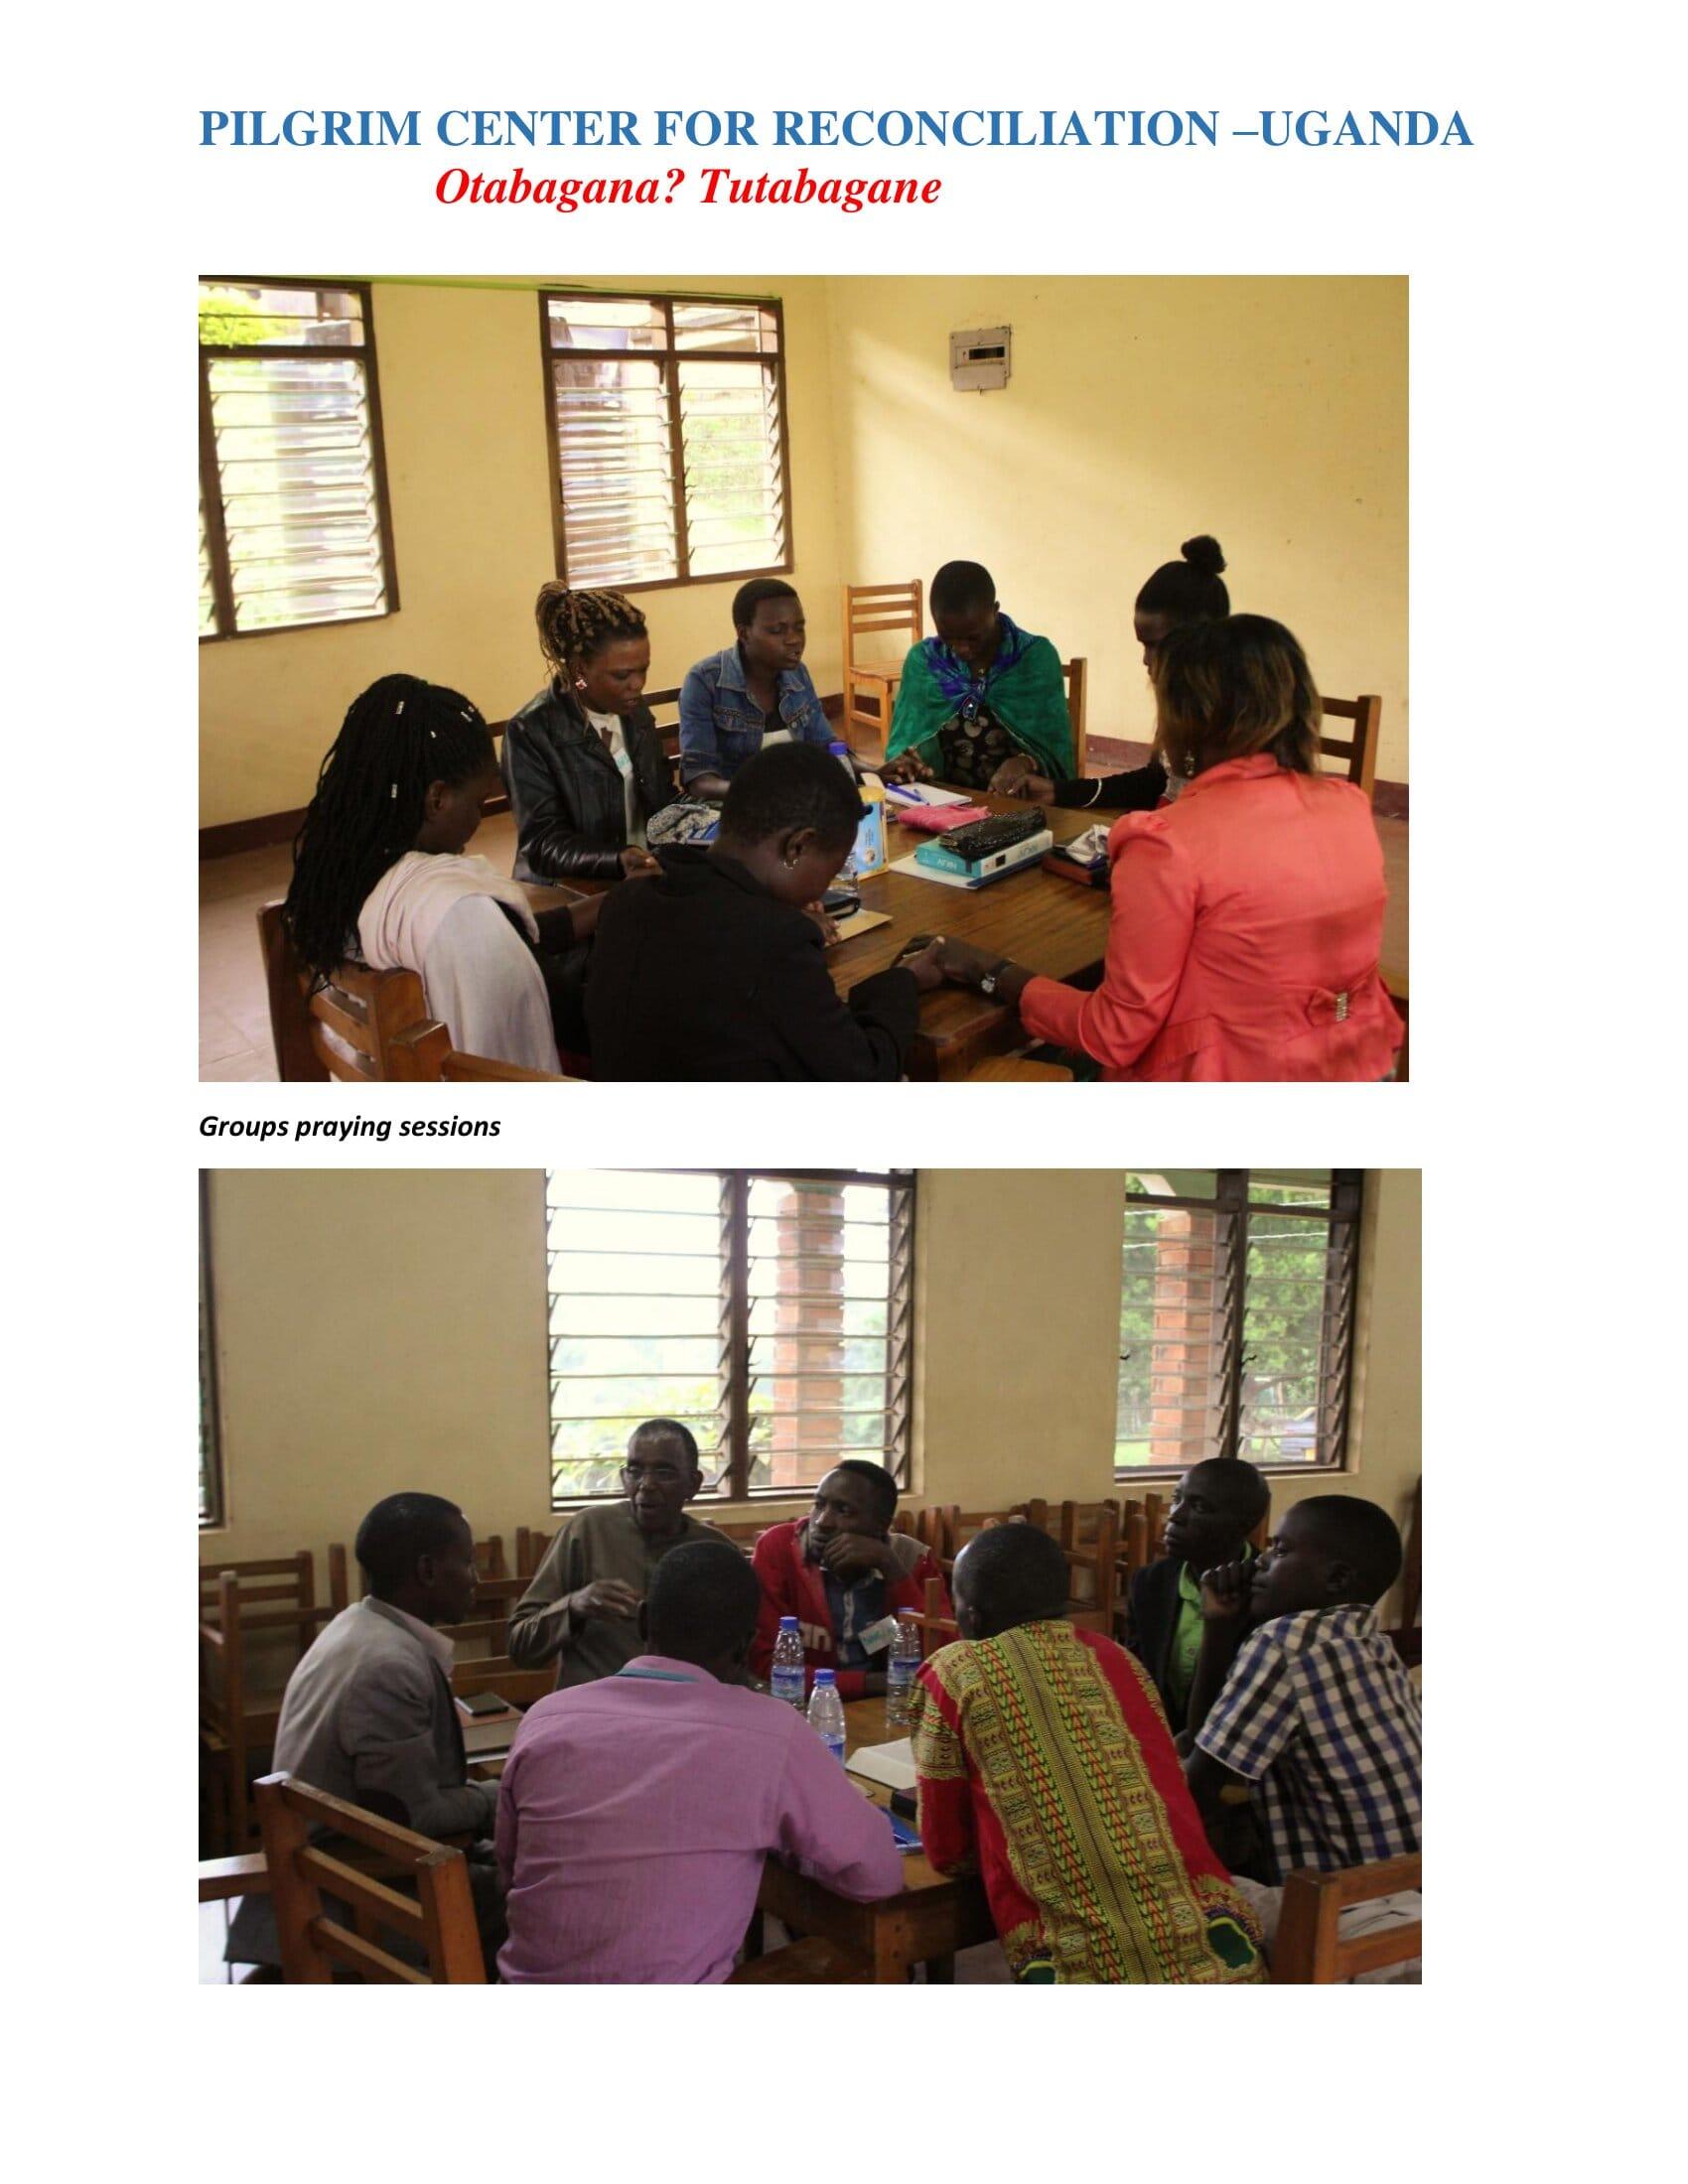 Pirigrim center for reconcilation -Uganda _0007-min